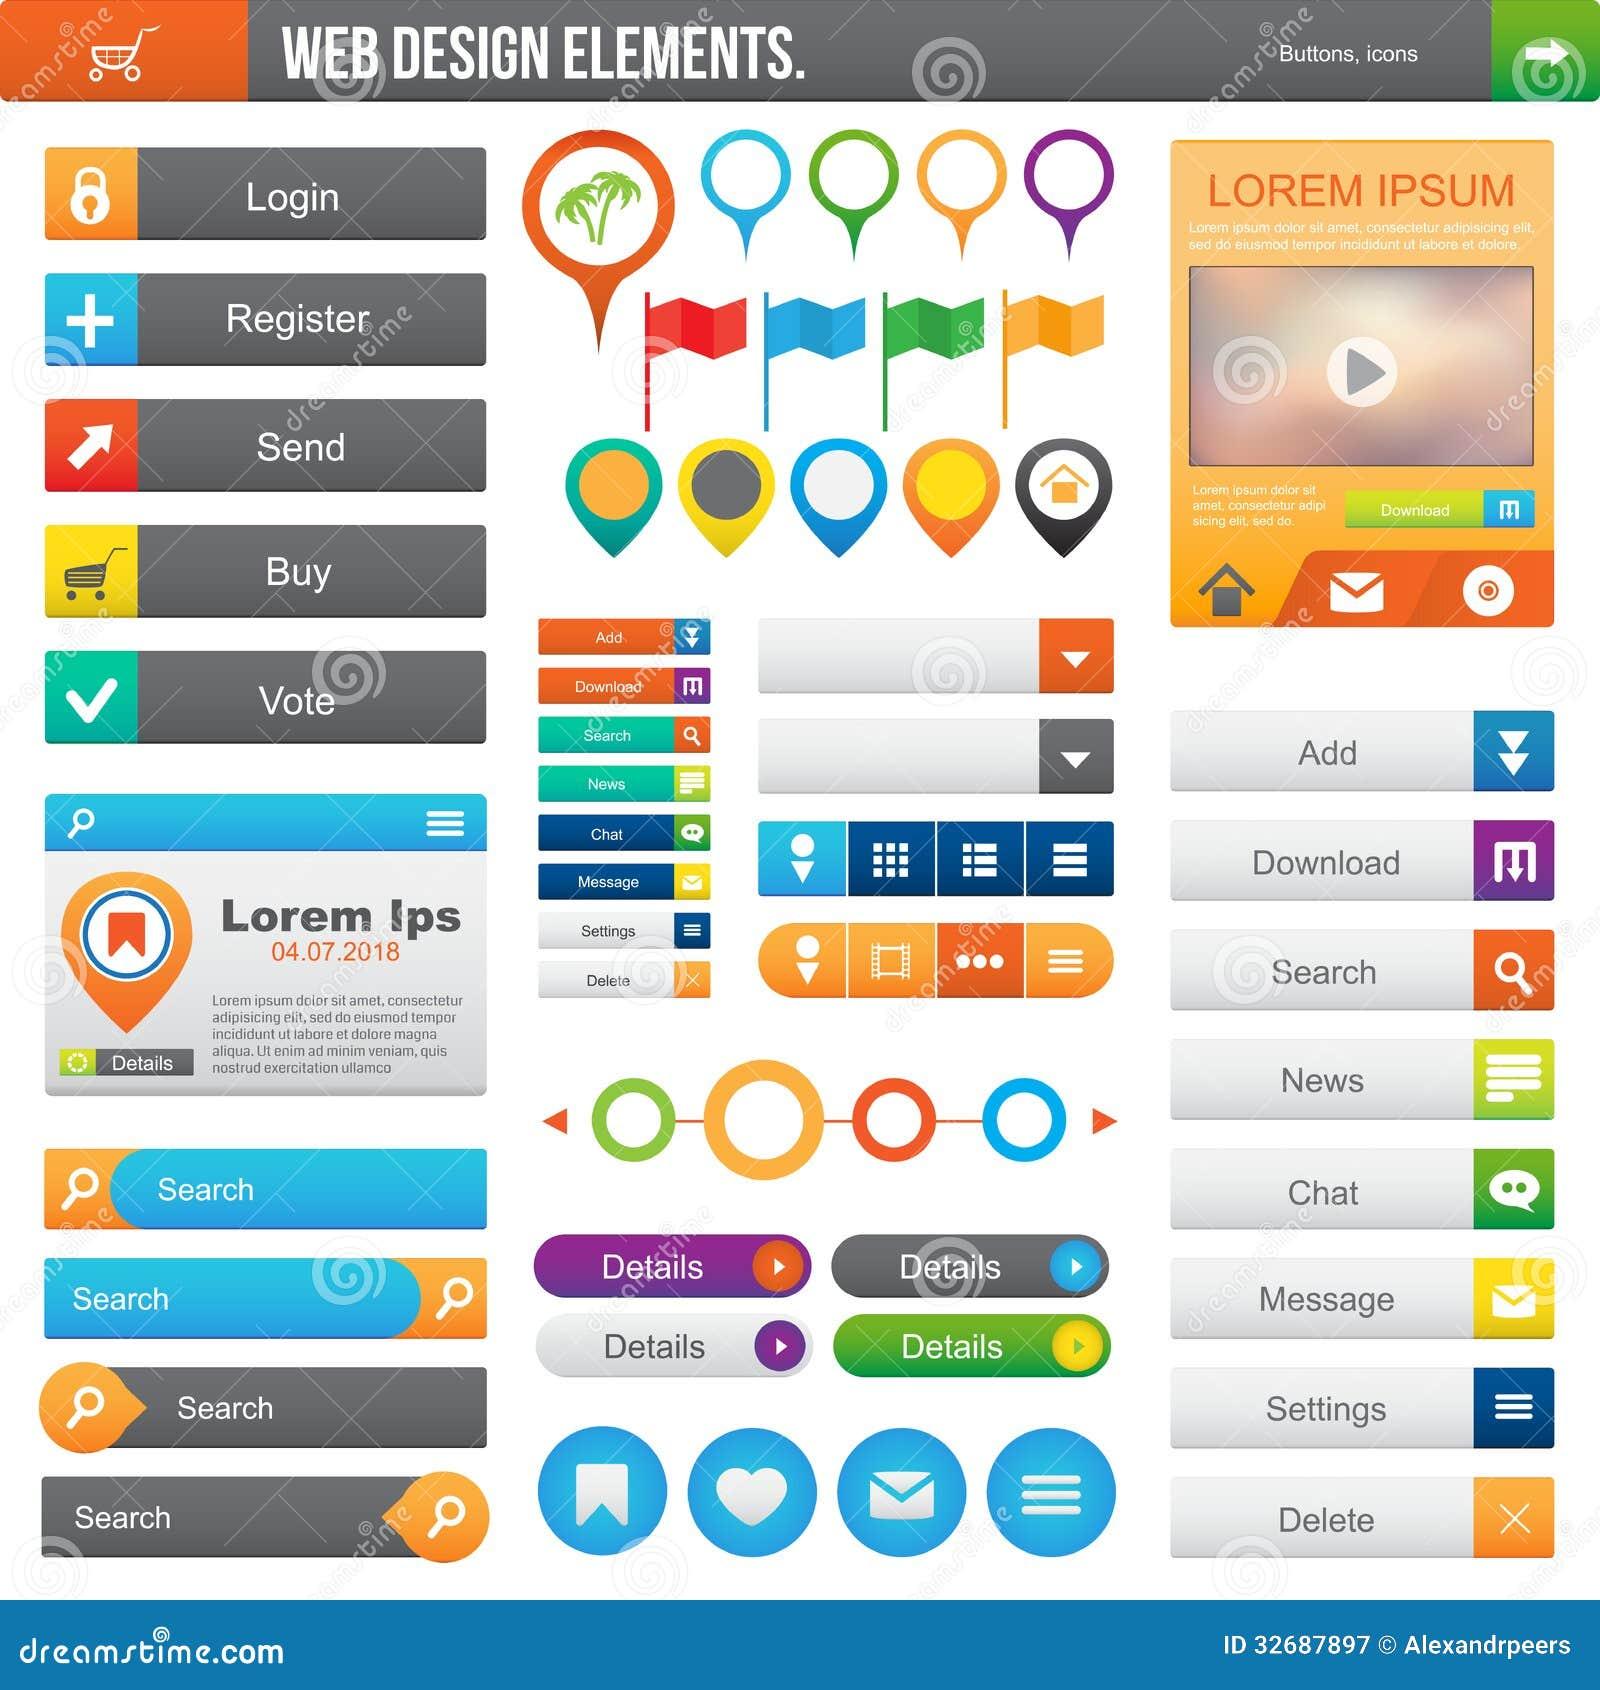 Elements For Design : Web design elements stock vector illustration of menu